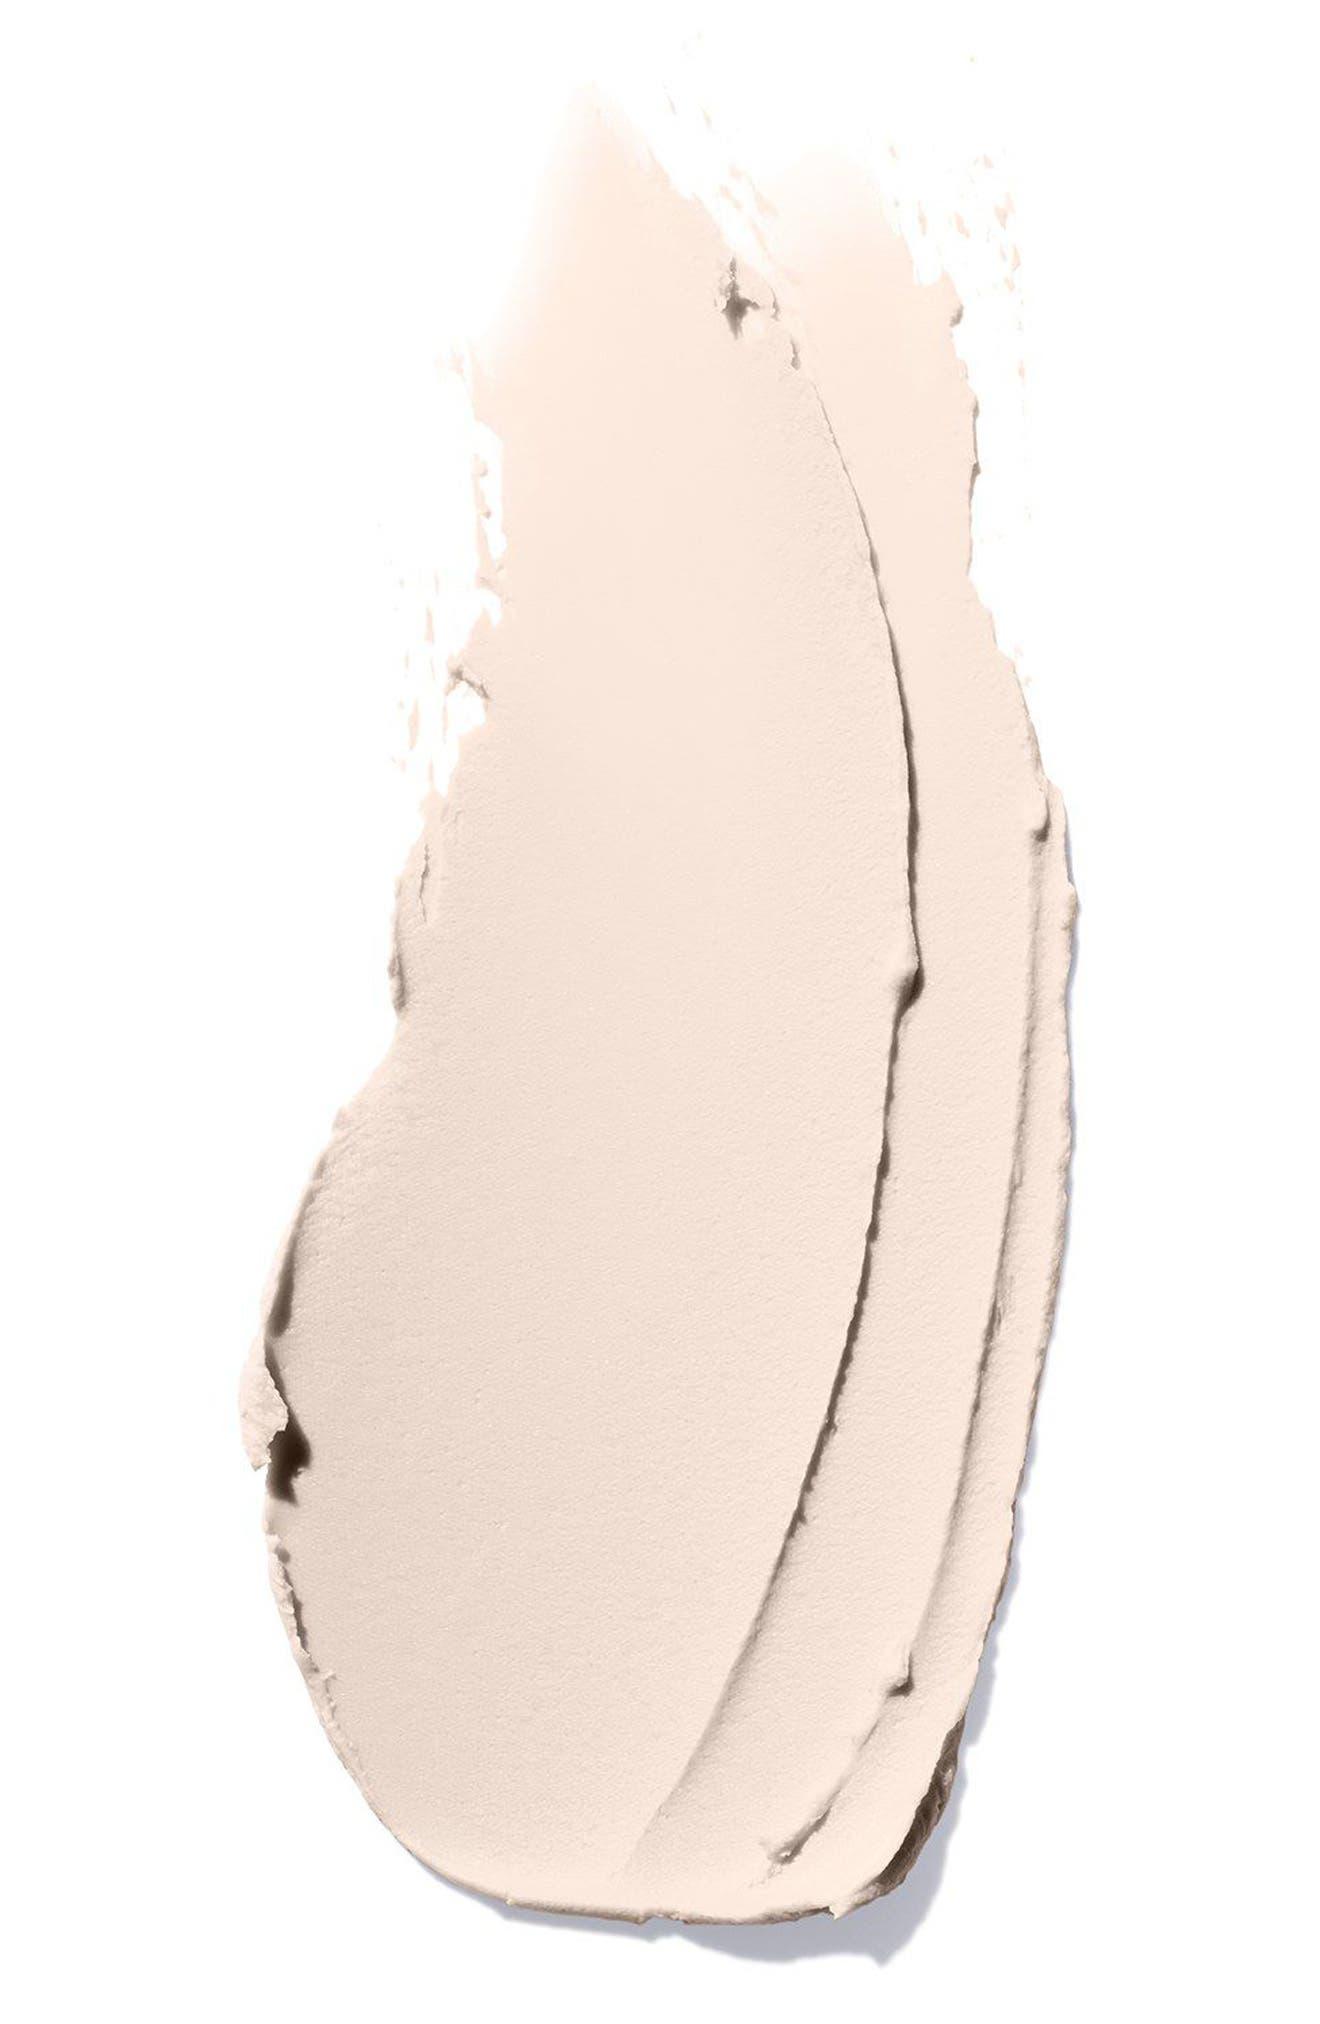 Photo Finish Pore Minimizing Primer,                             Alternate thumbnail 3, color,                             NO COLOR